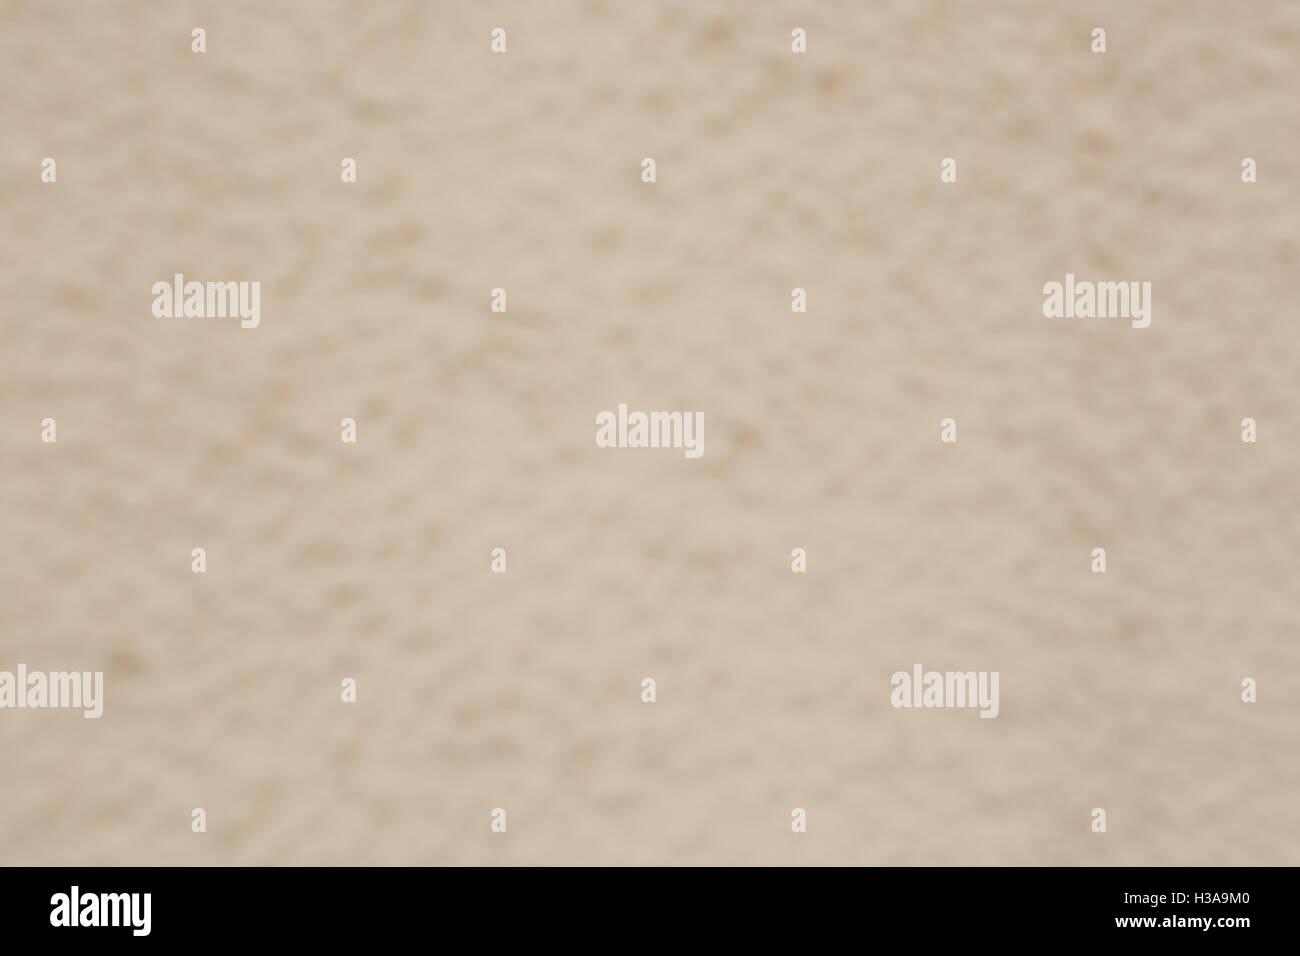 Texture di sfondo, tono caldo parete. Immagini Stock